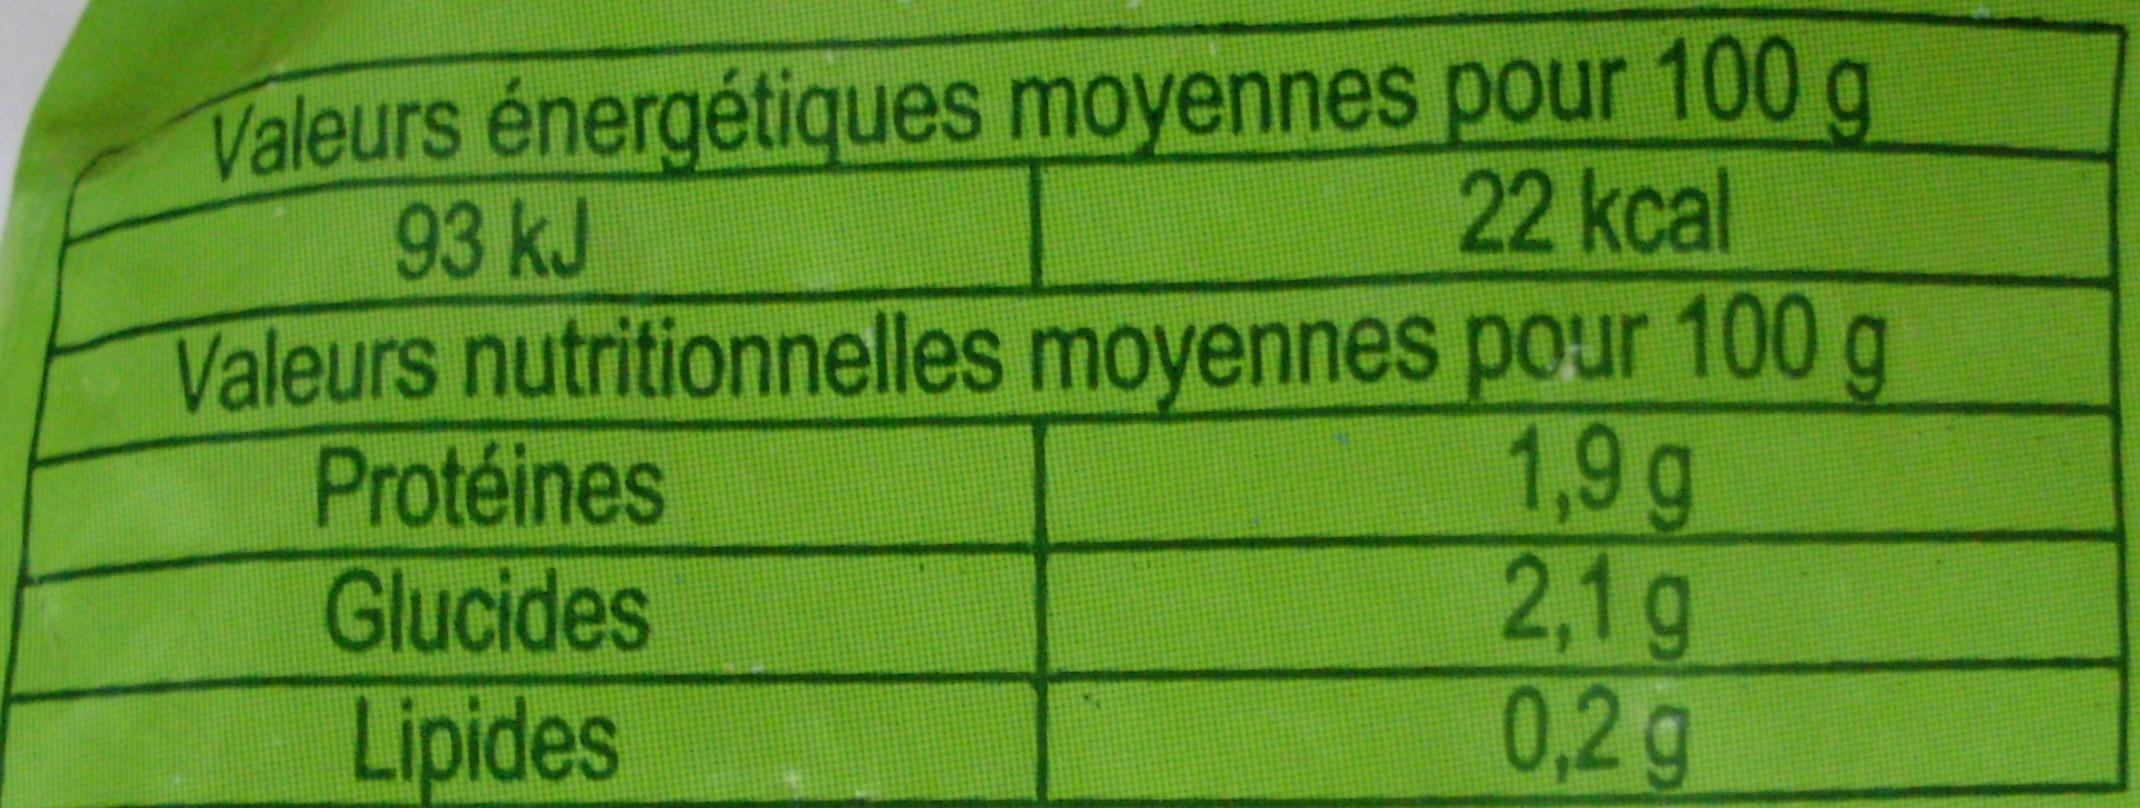 Choux-Fleurs en fleurettes surgelés - Nutrition facts - fr